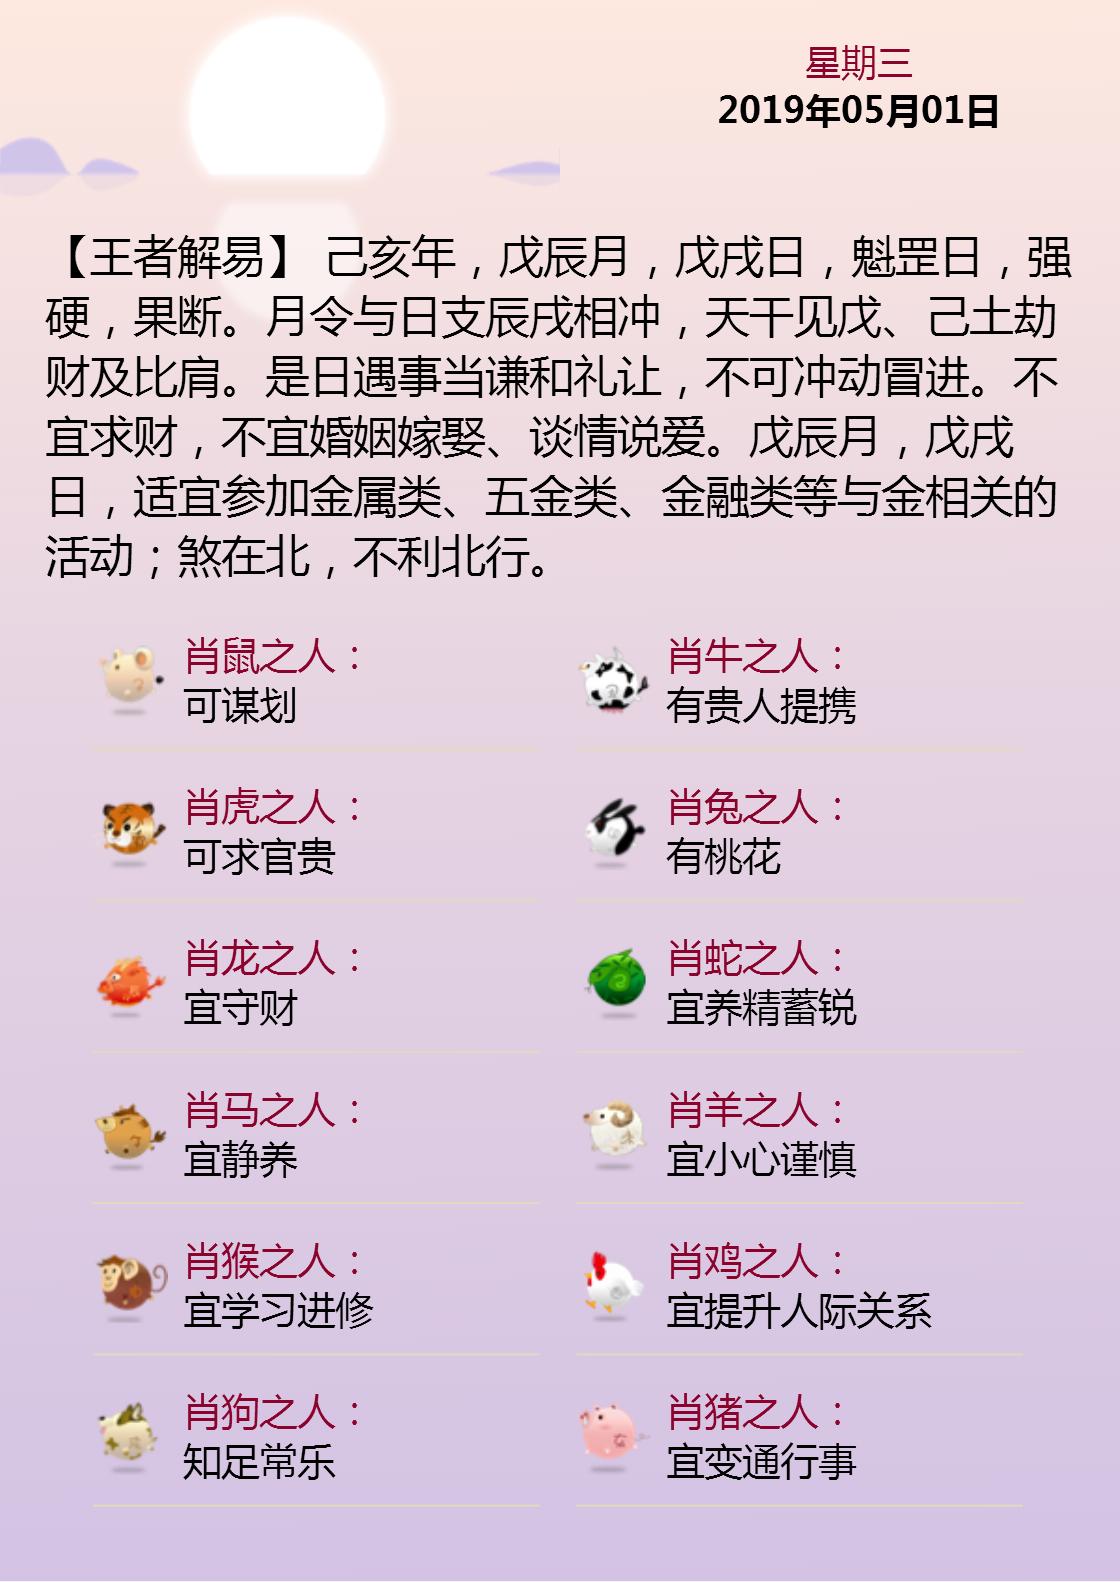 黄历海报20190501.png